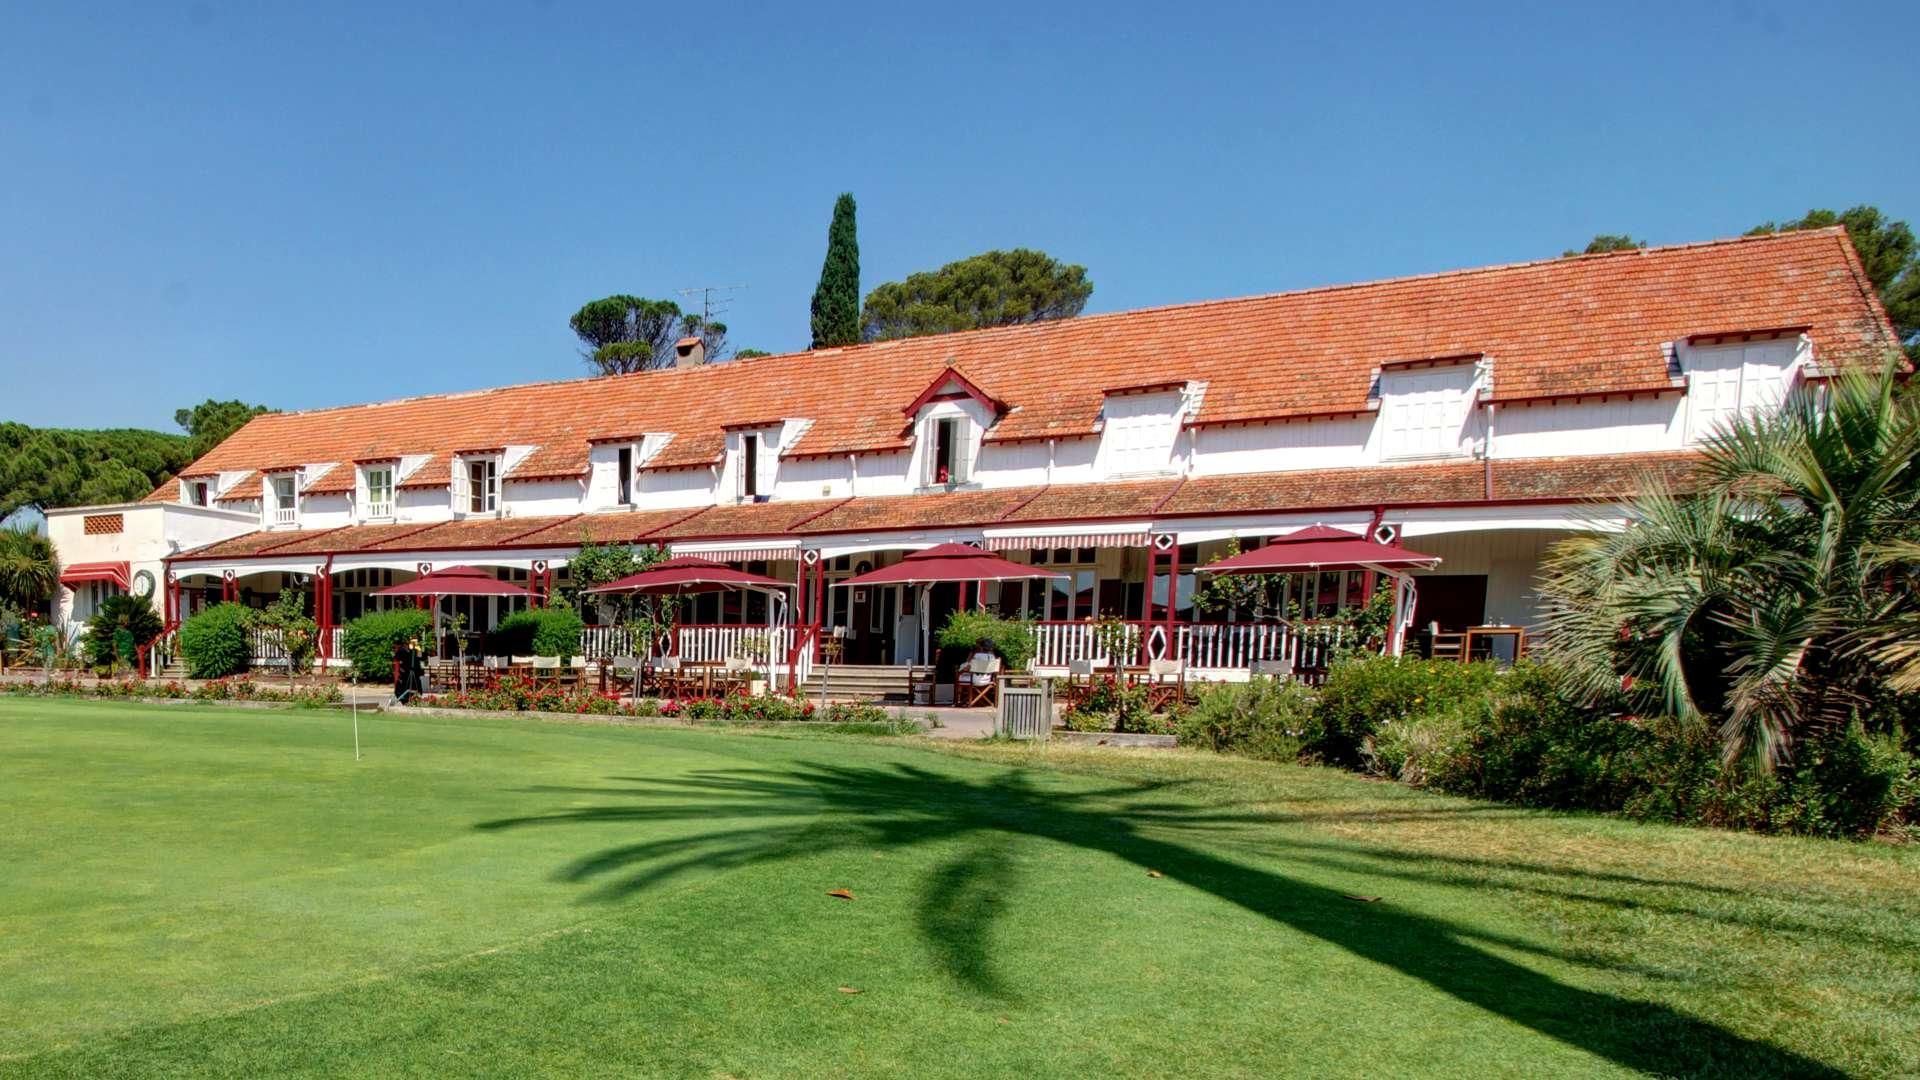 Pr sentation et services najeti golf h tel de valescure - Office du tourisme frejus saint raphael ...